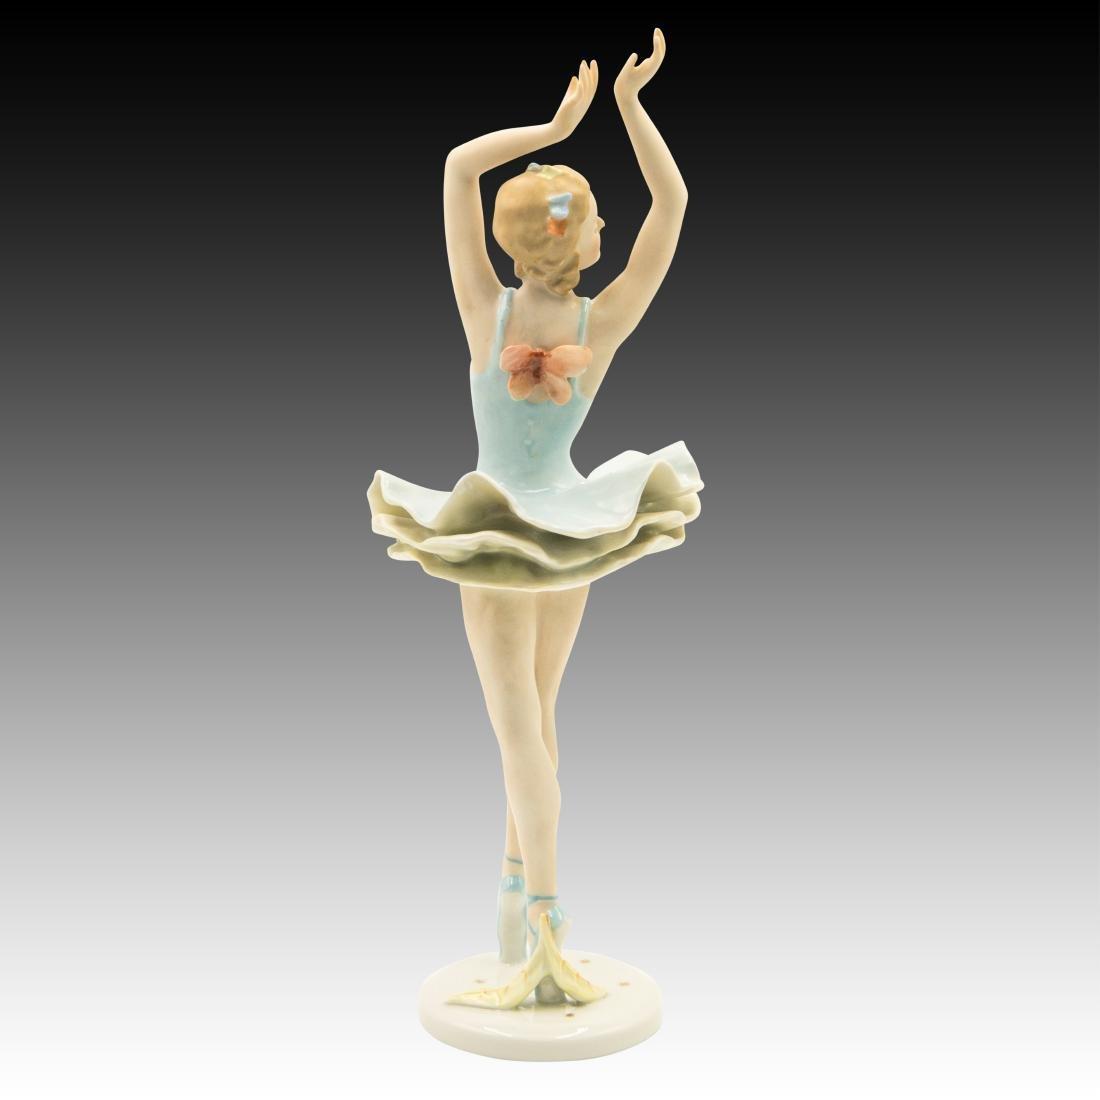 Rosenthal Ballerina with Butterflies Figurine - 3